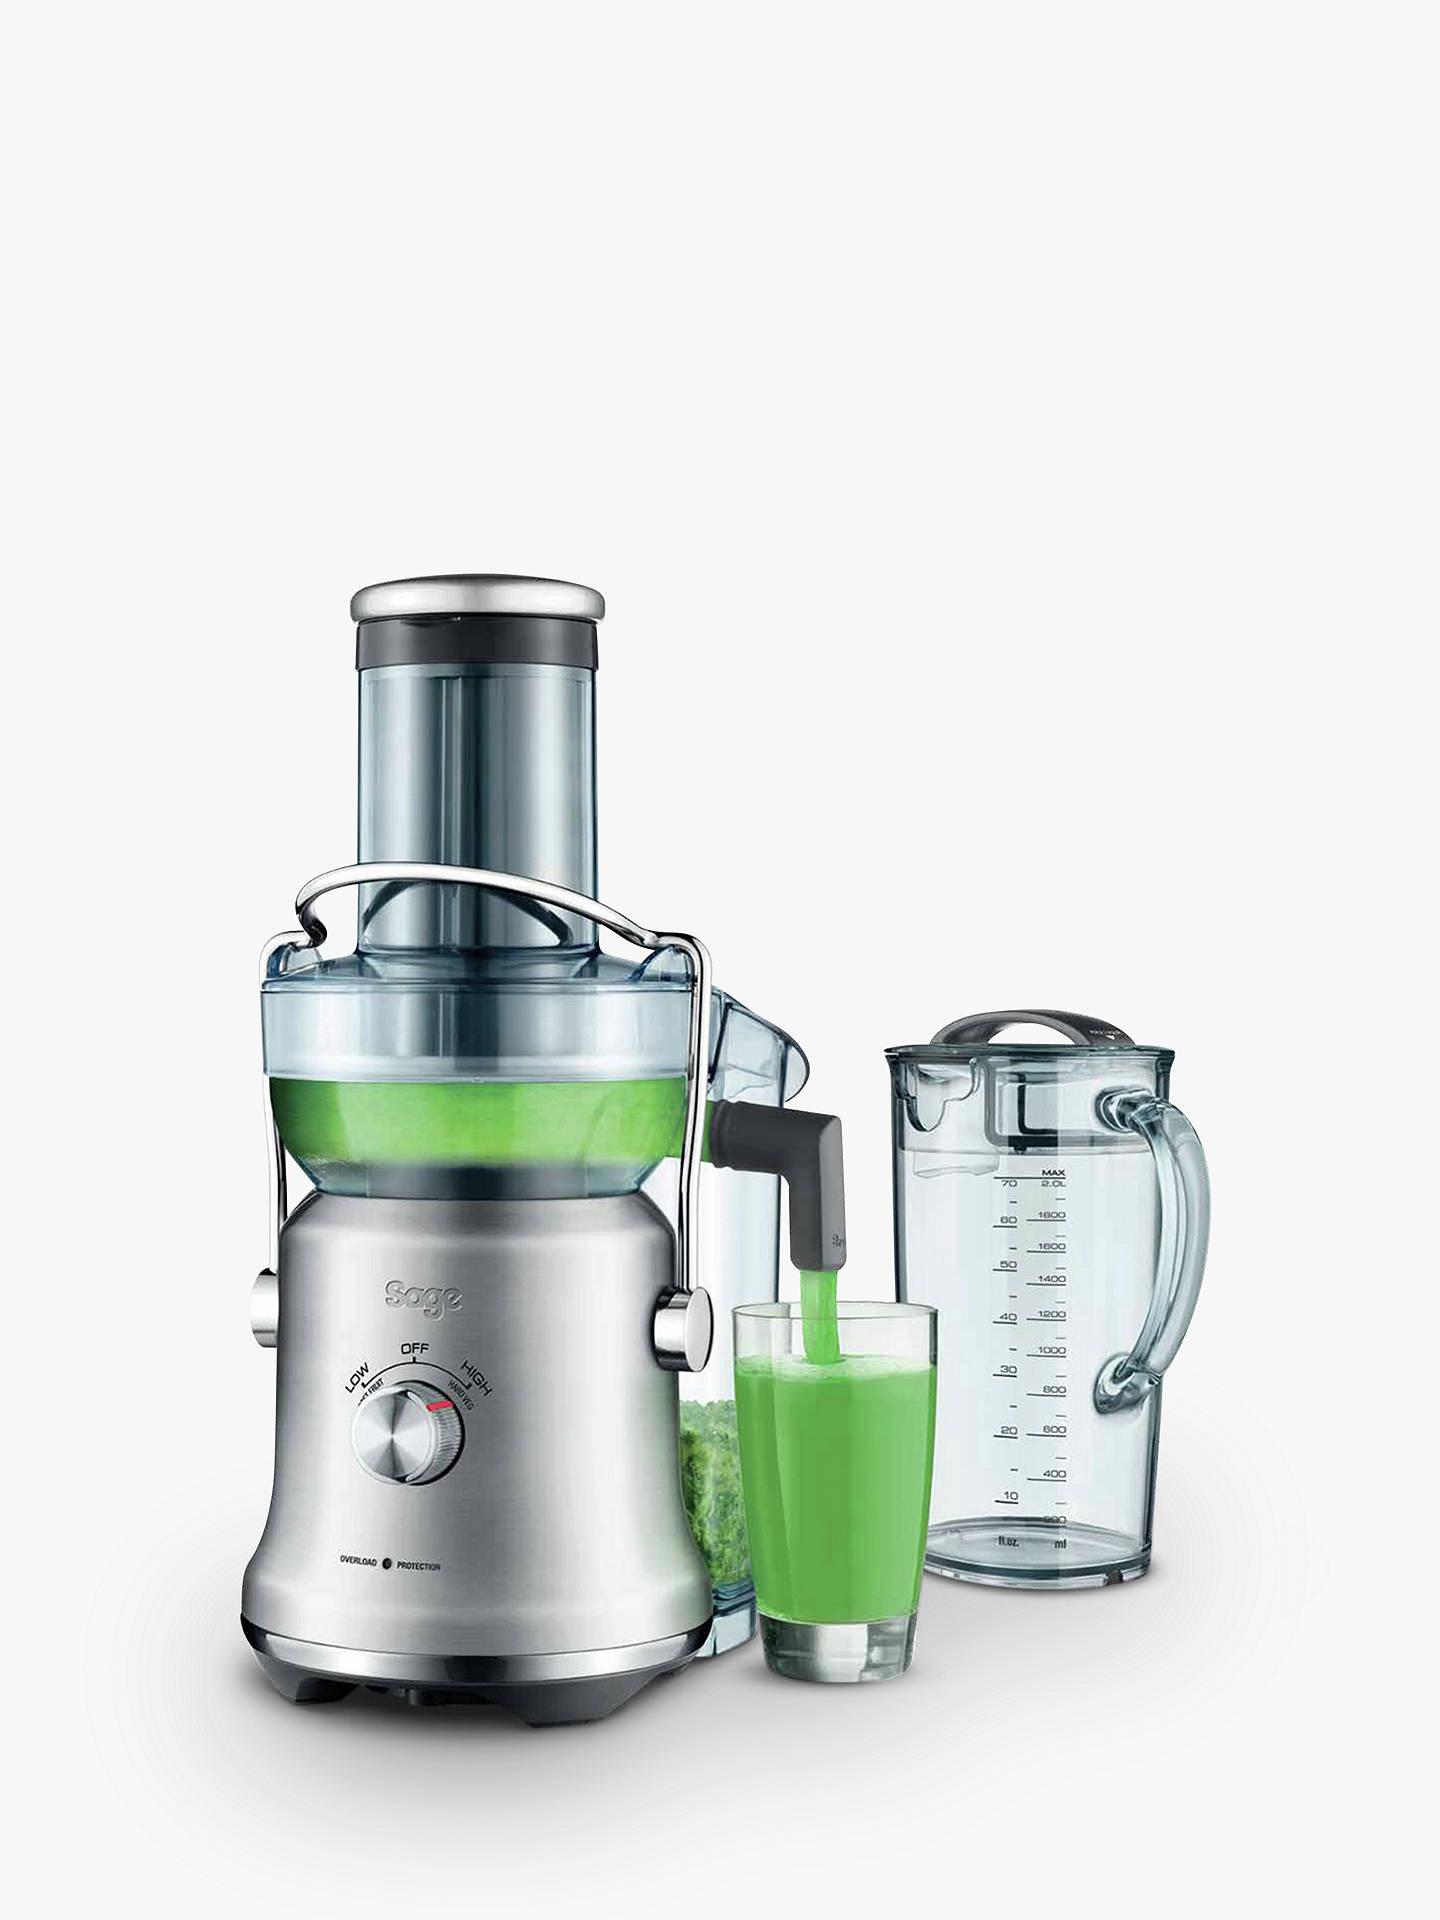 Sage the Nutri Juicer® Cold XL